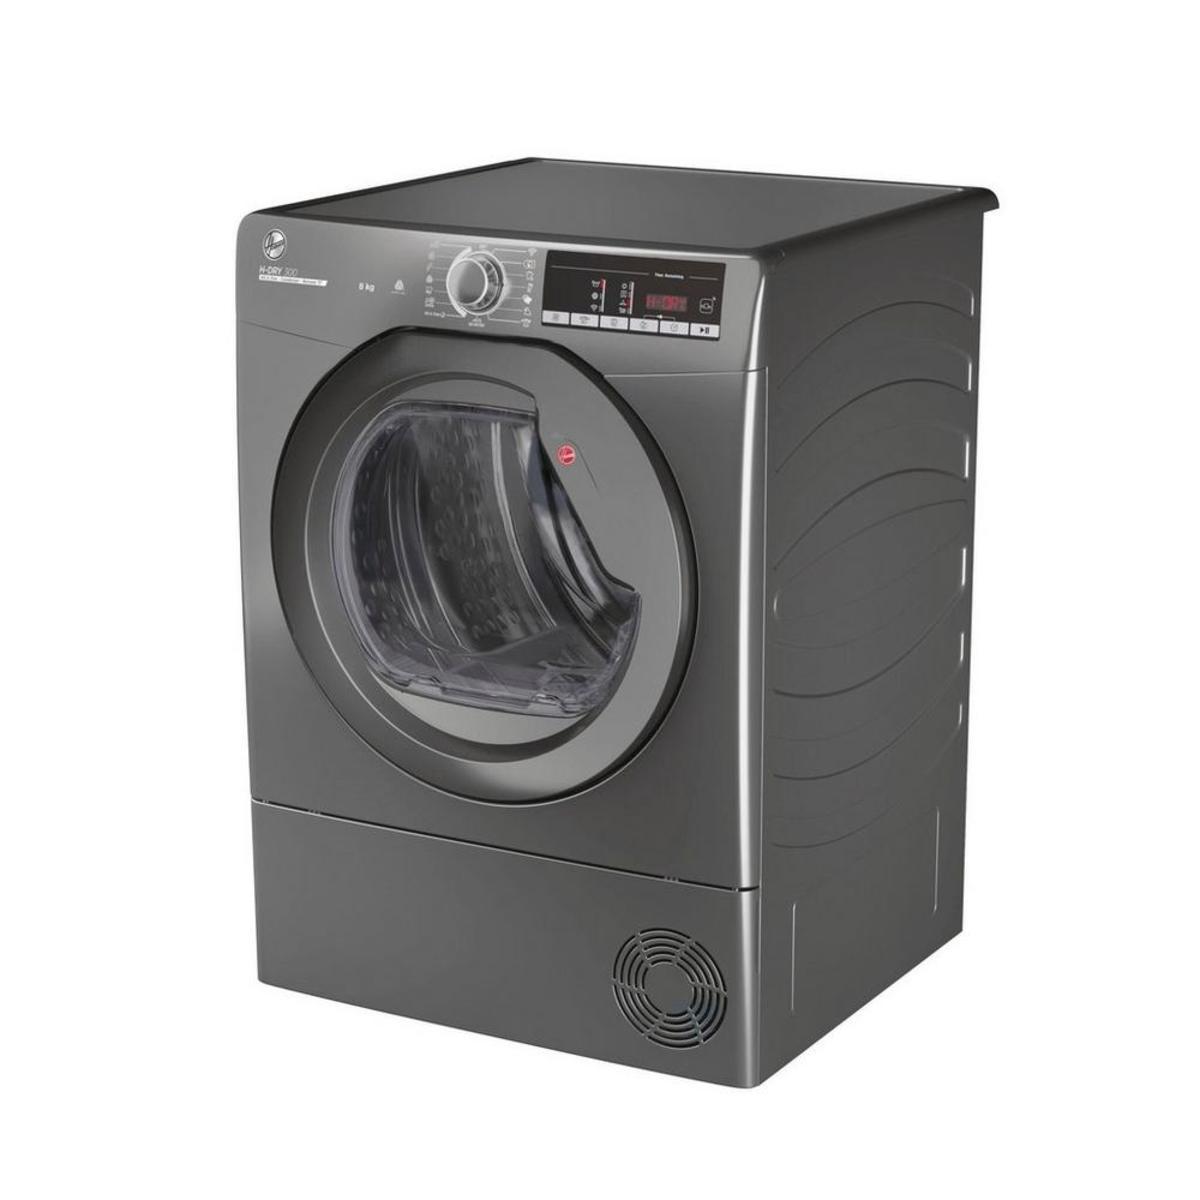 Hoover HLEC8TRGR 8kg Condenser Tumble Dryer in Graphite